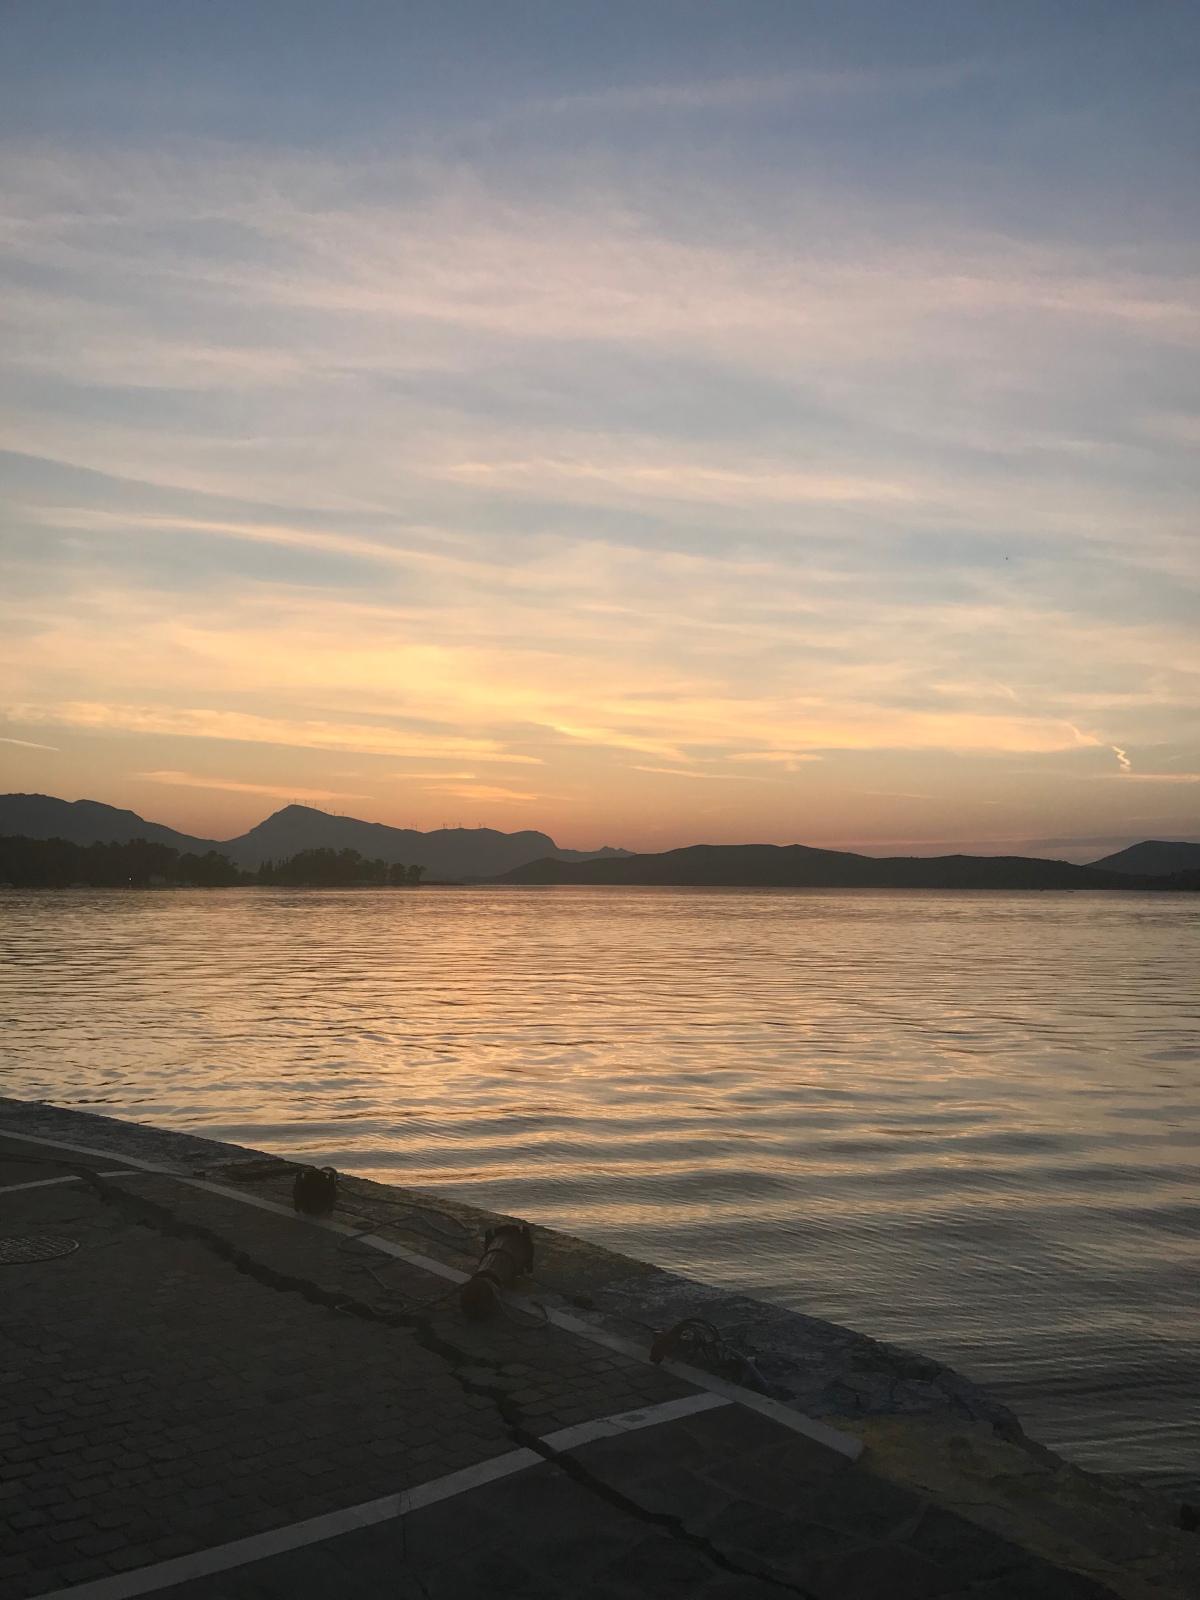 Am fost în Ciclade și m-am îndrăgostit de Grecia și denavigație